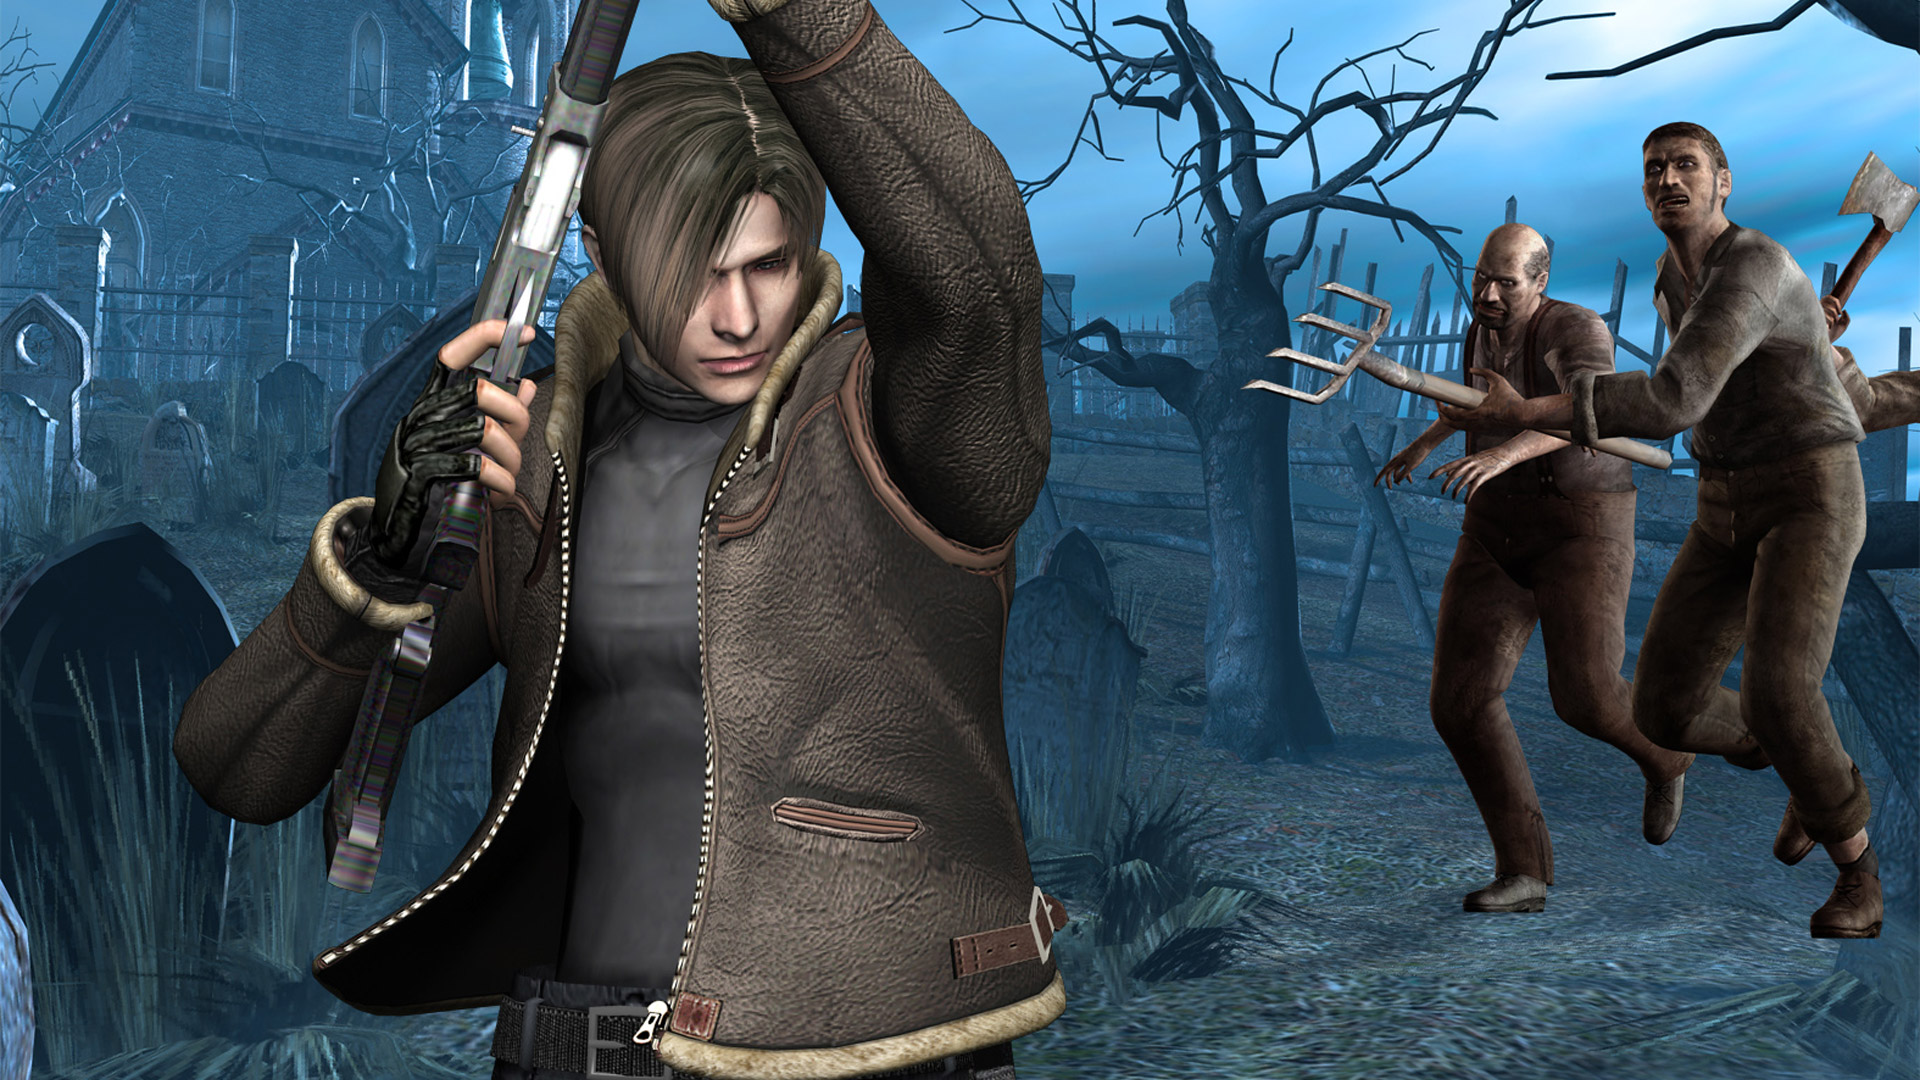 Resident Evil 4 Wallpaper in 1920x1080